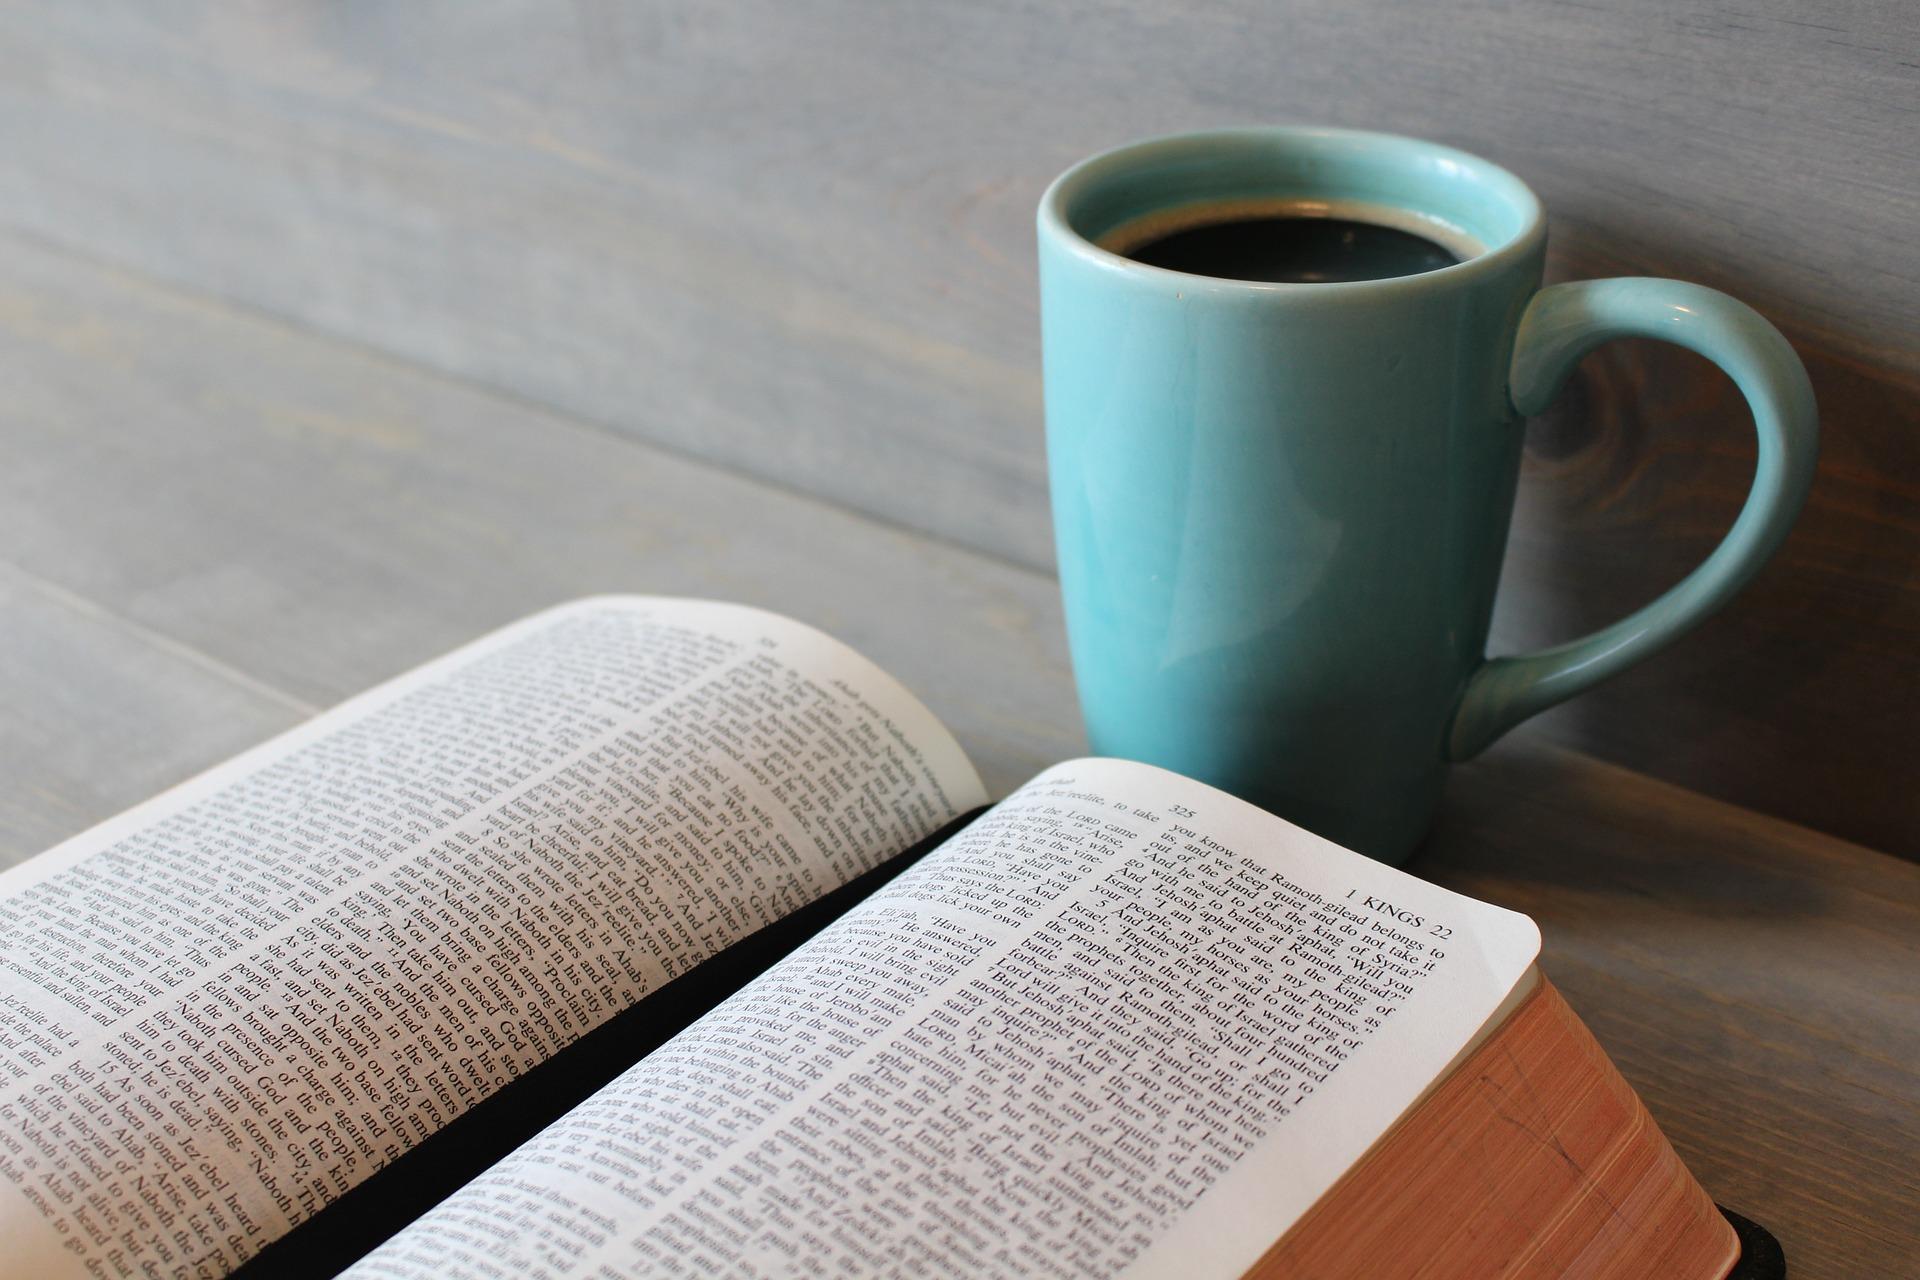 bible-896220_1920.jpg